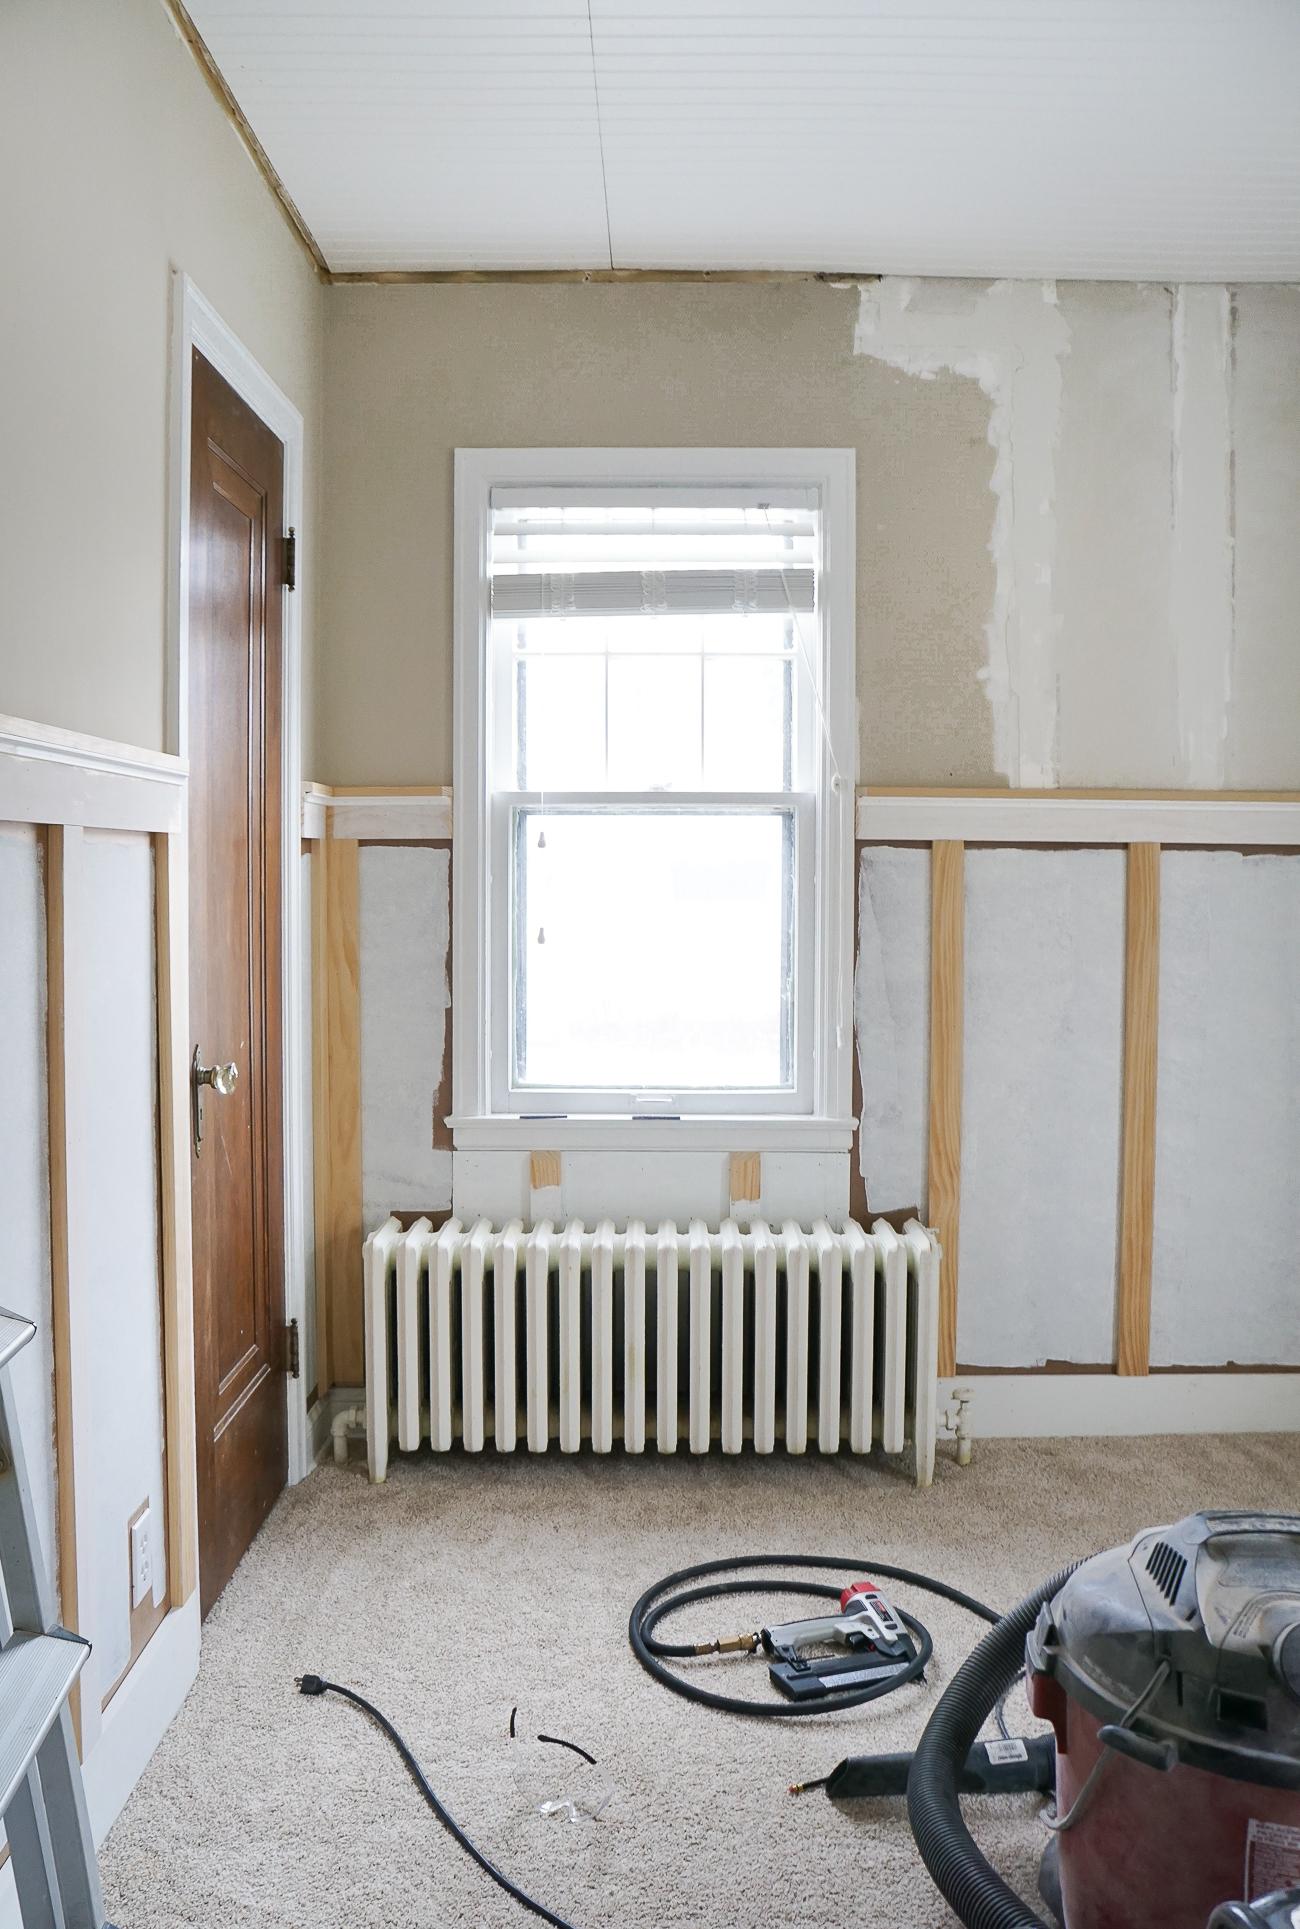 Francois Renovates: Nursery Board & Batten + Wallpaper Progress (Video)